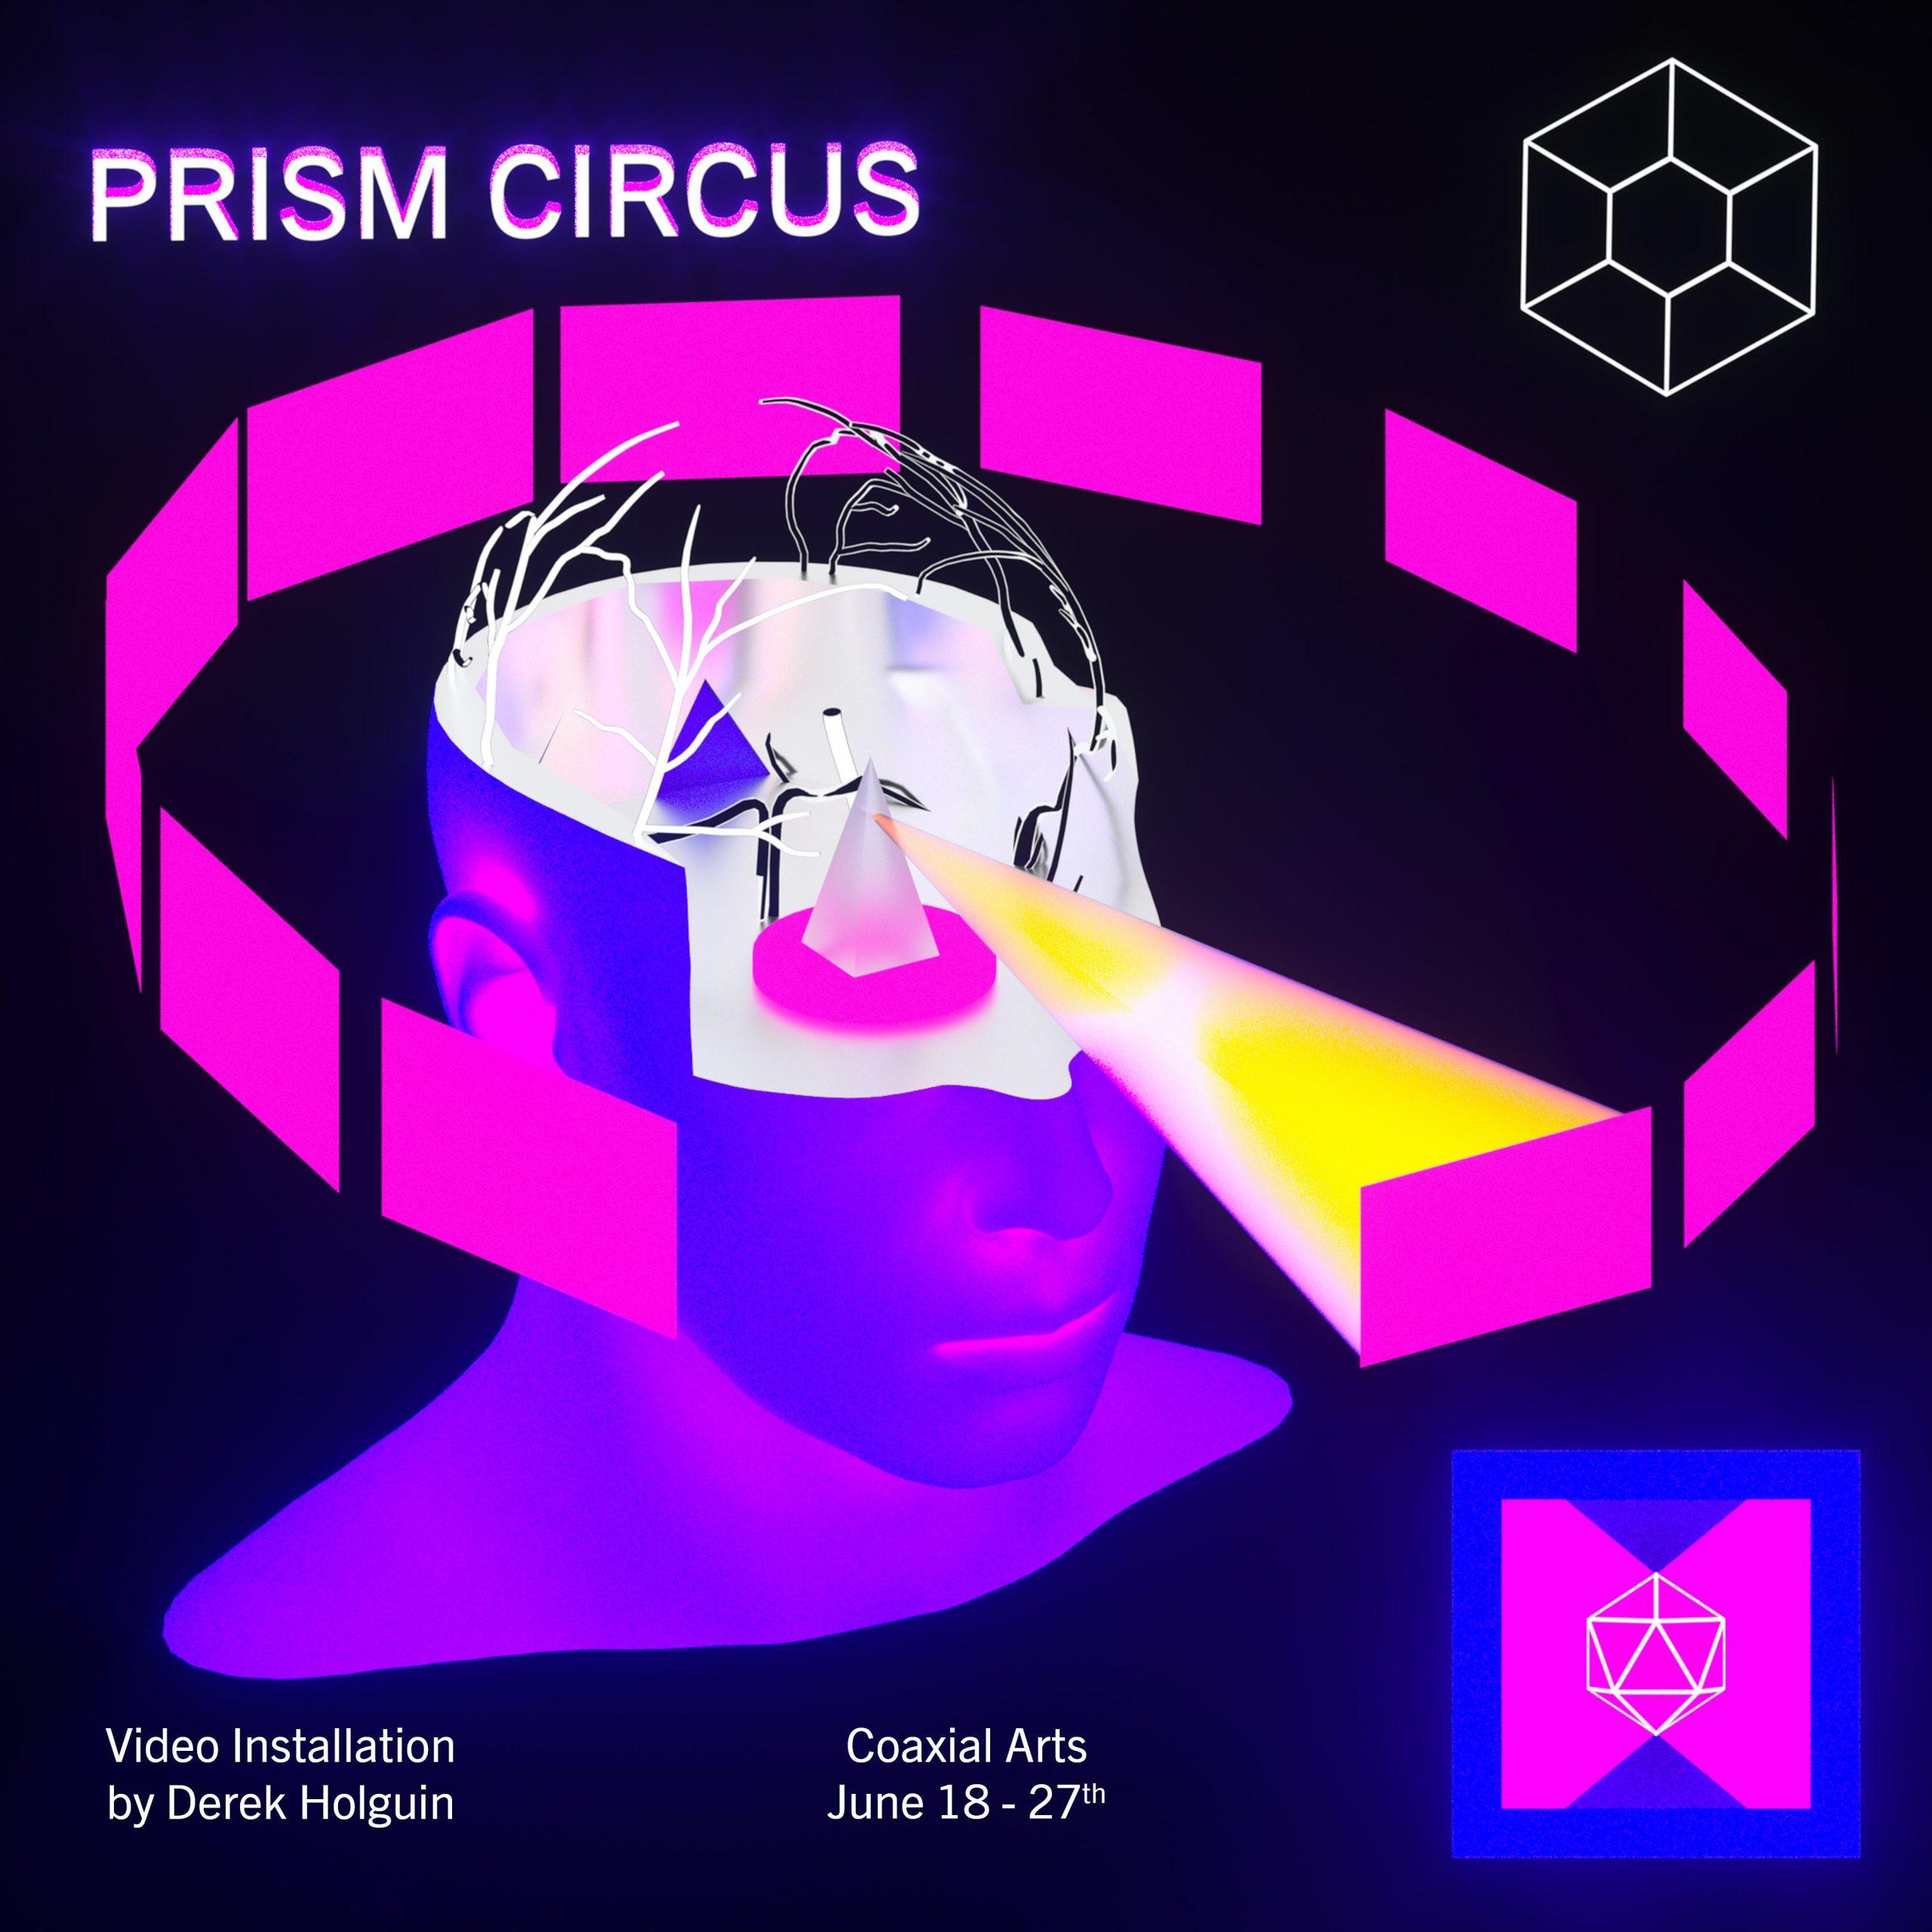 Derek Holguin - Prism Circus